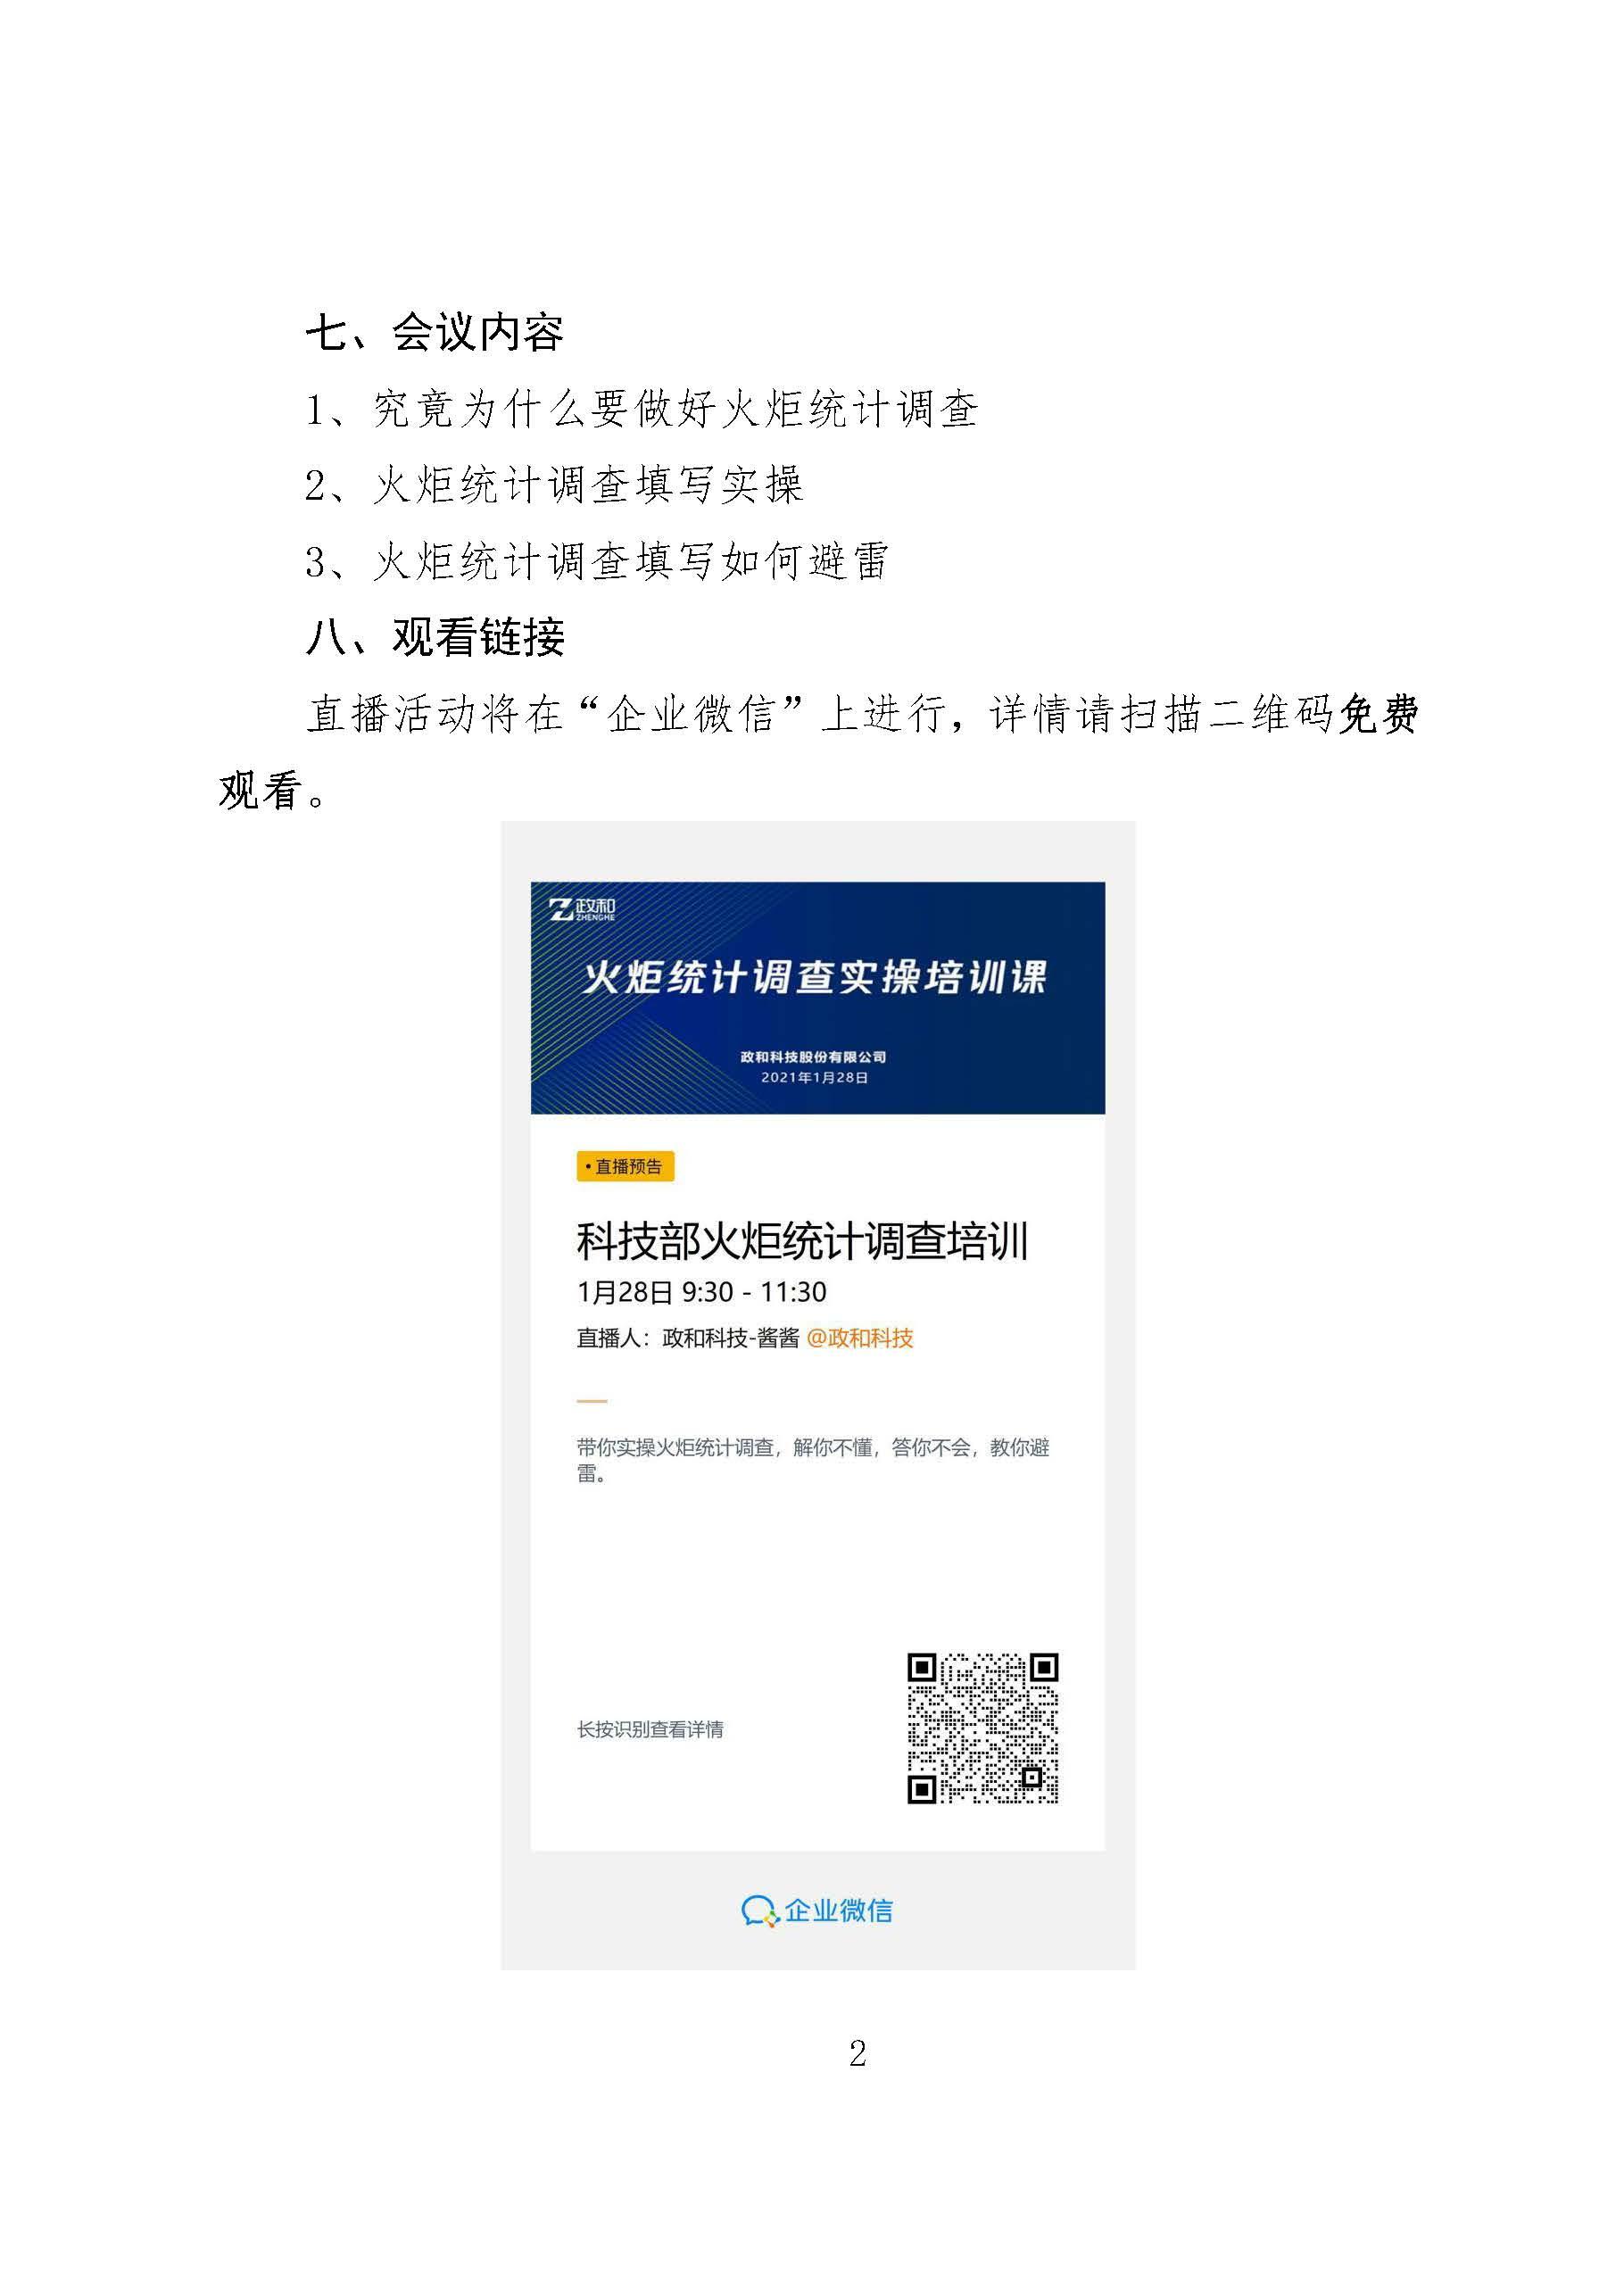 南昌科技创新公共服务平台20210128培训会_页面_2.jpg